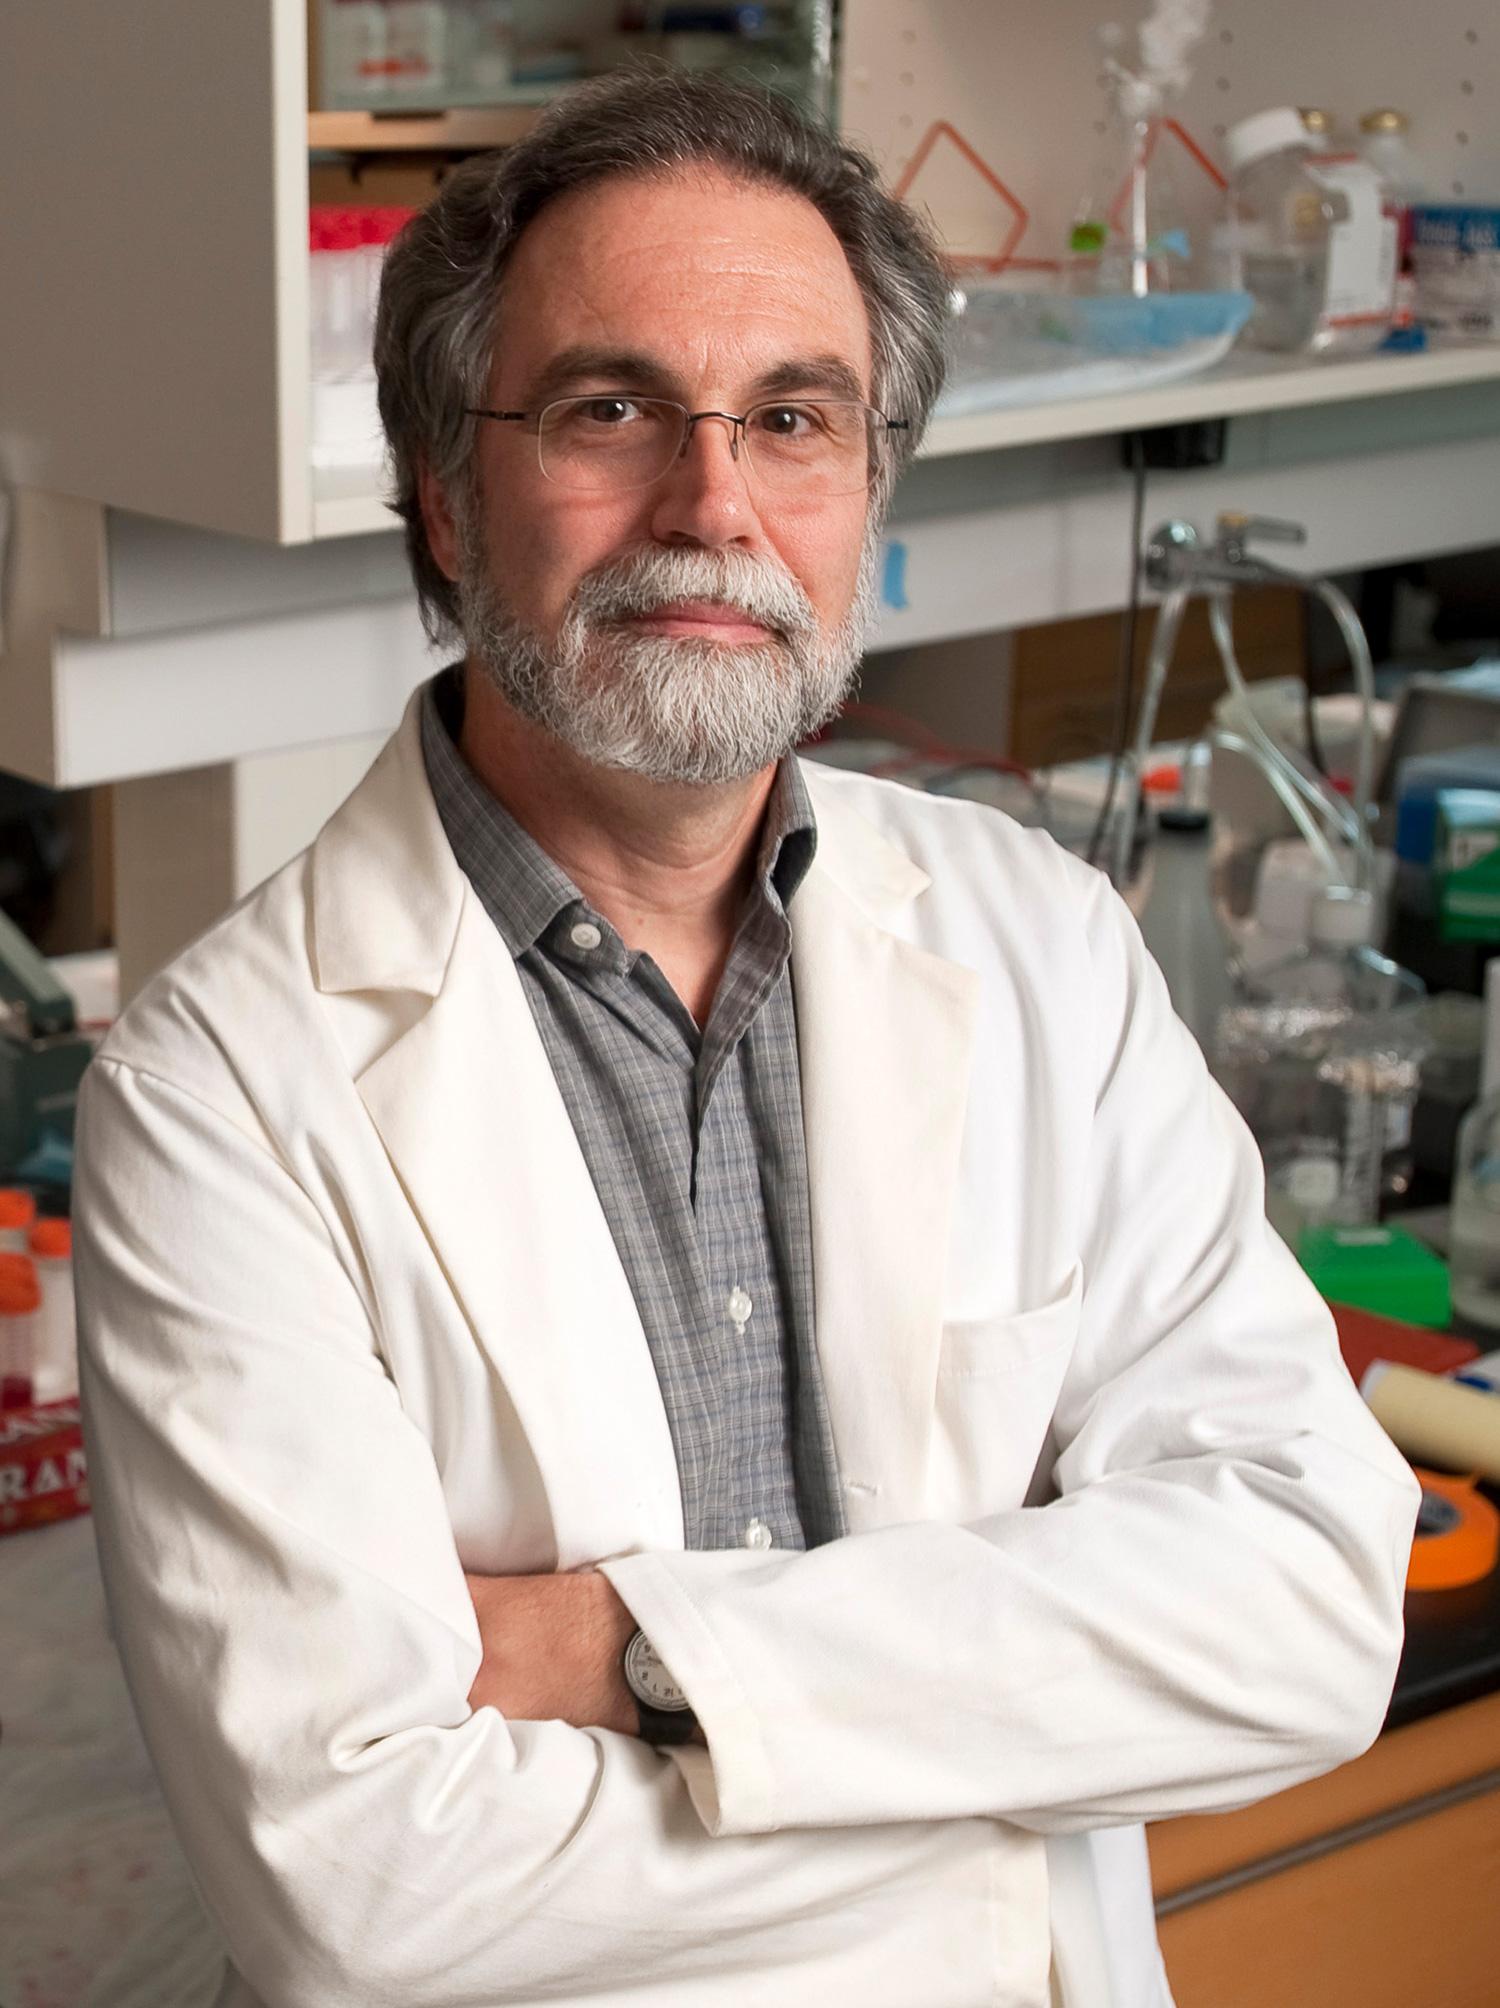 Portrait of Gregg L. Semenza